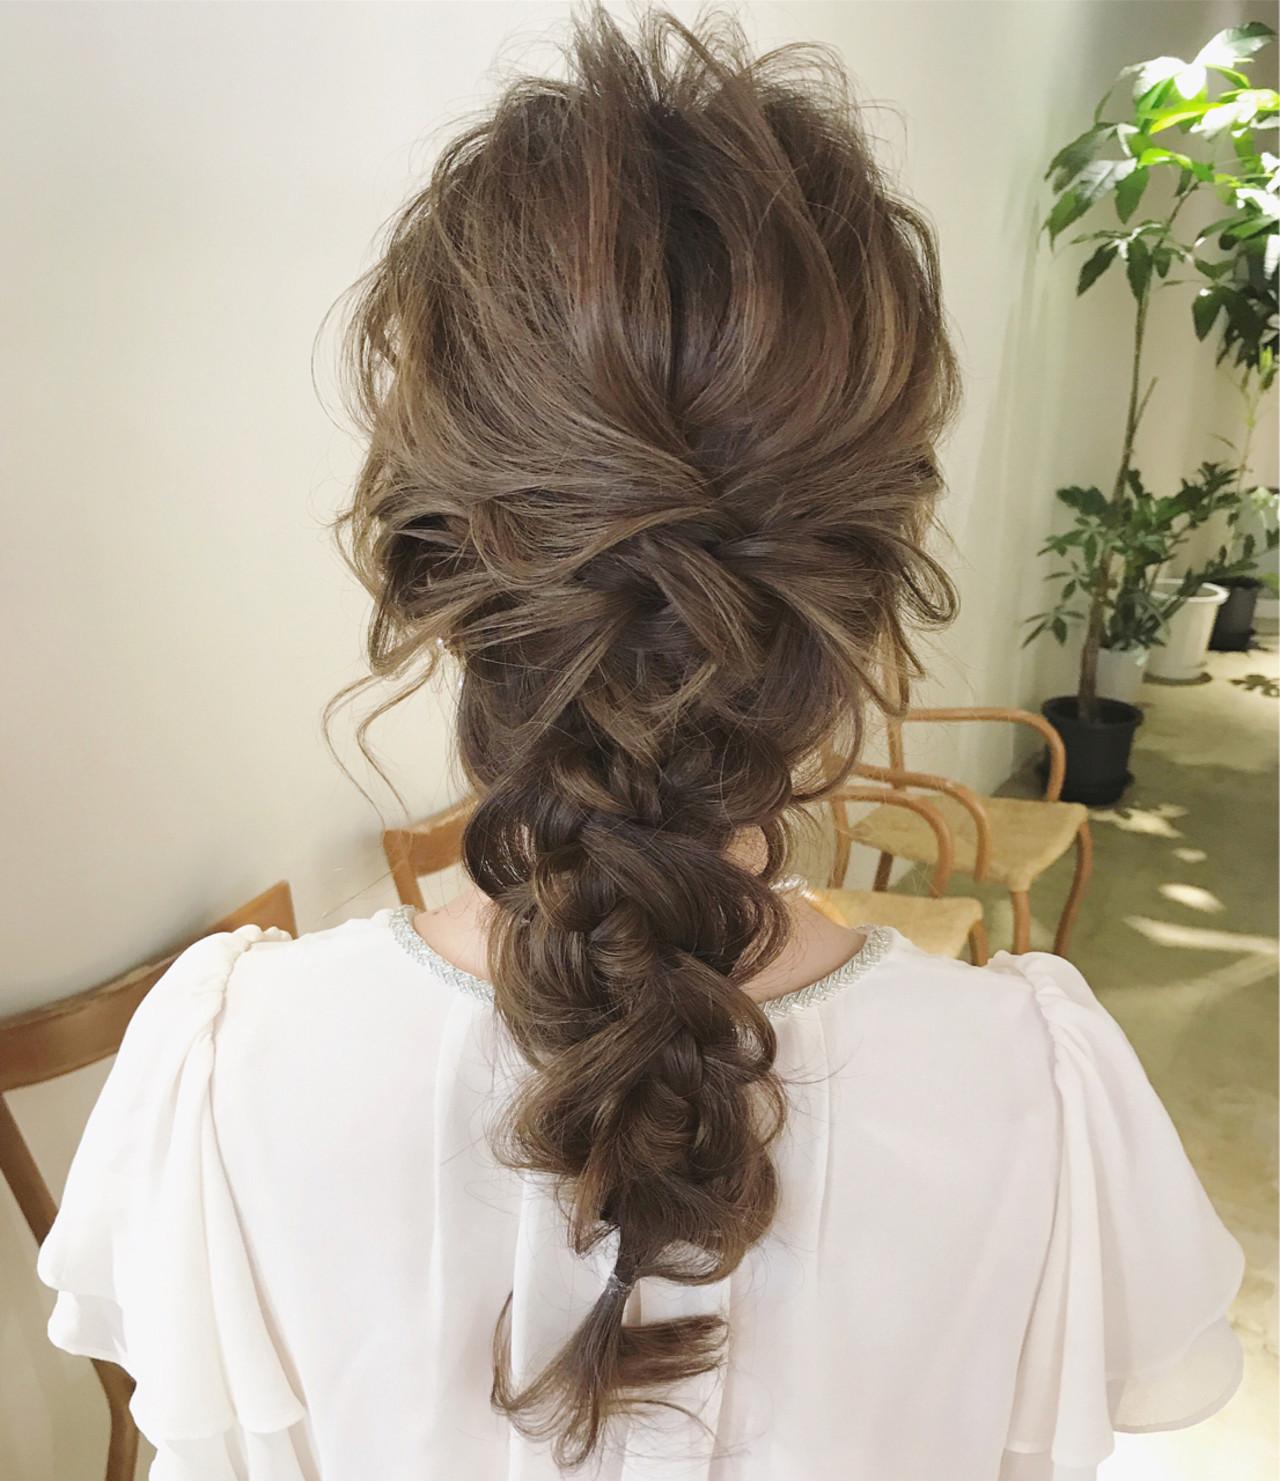 結婚式 ヘアアレンジ ロング エレガント ヘアスタイルや髪型の写真・画像